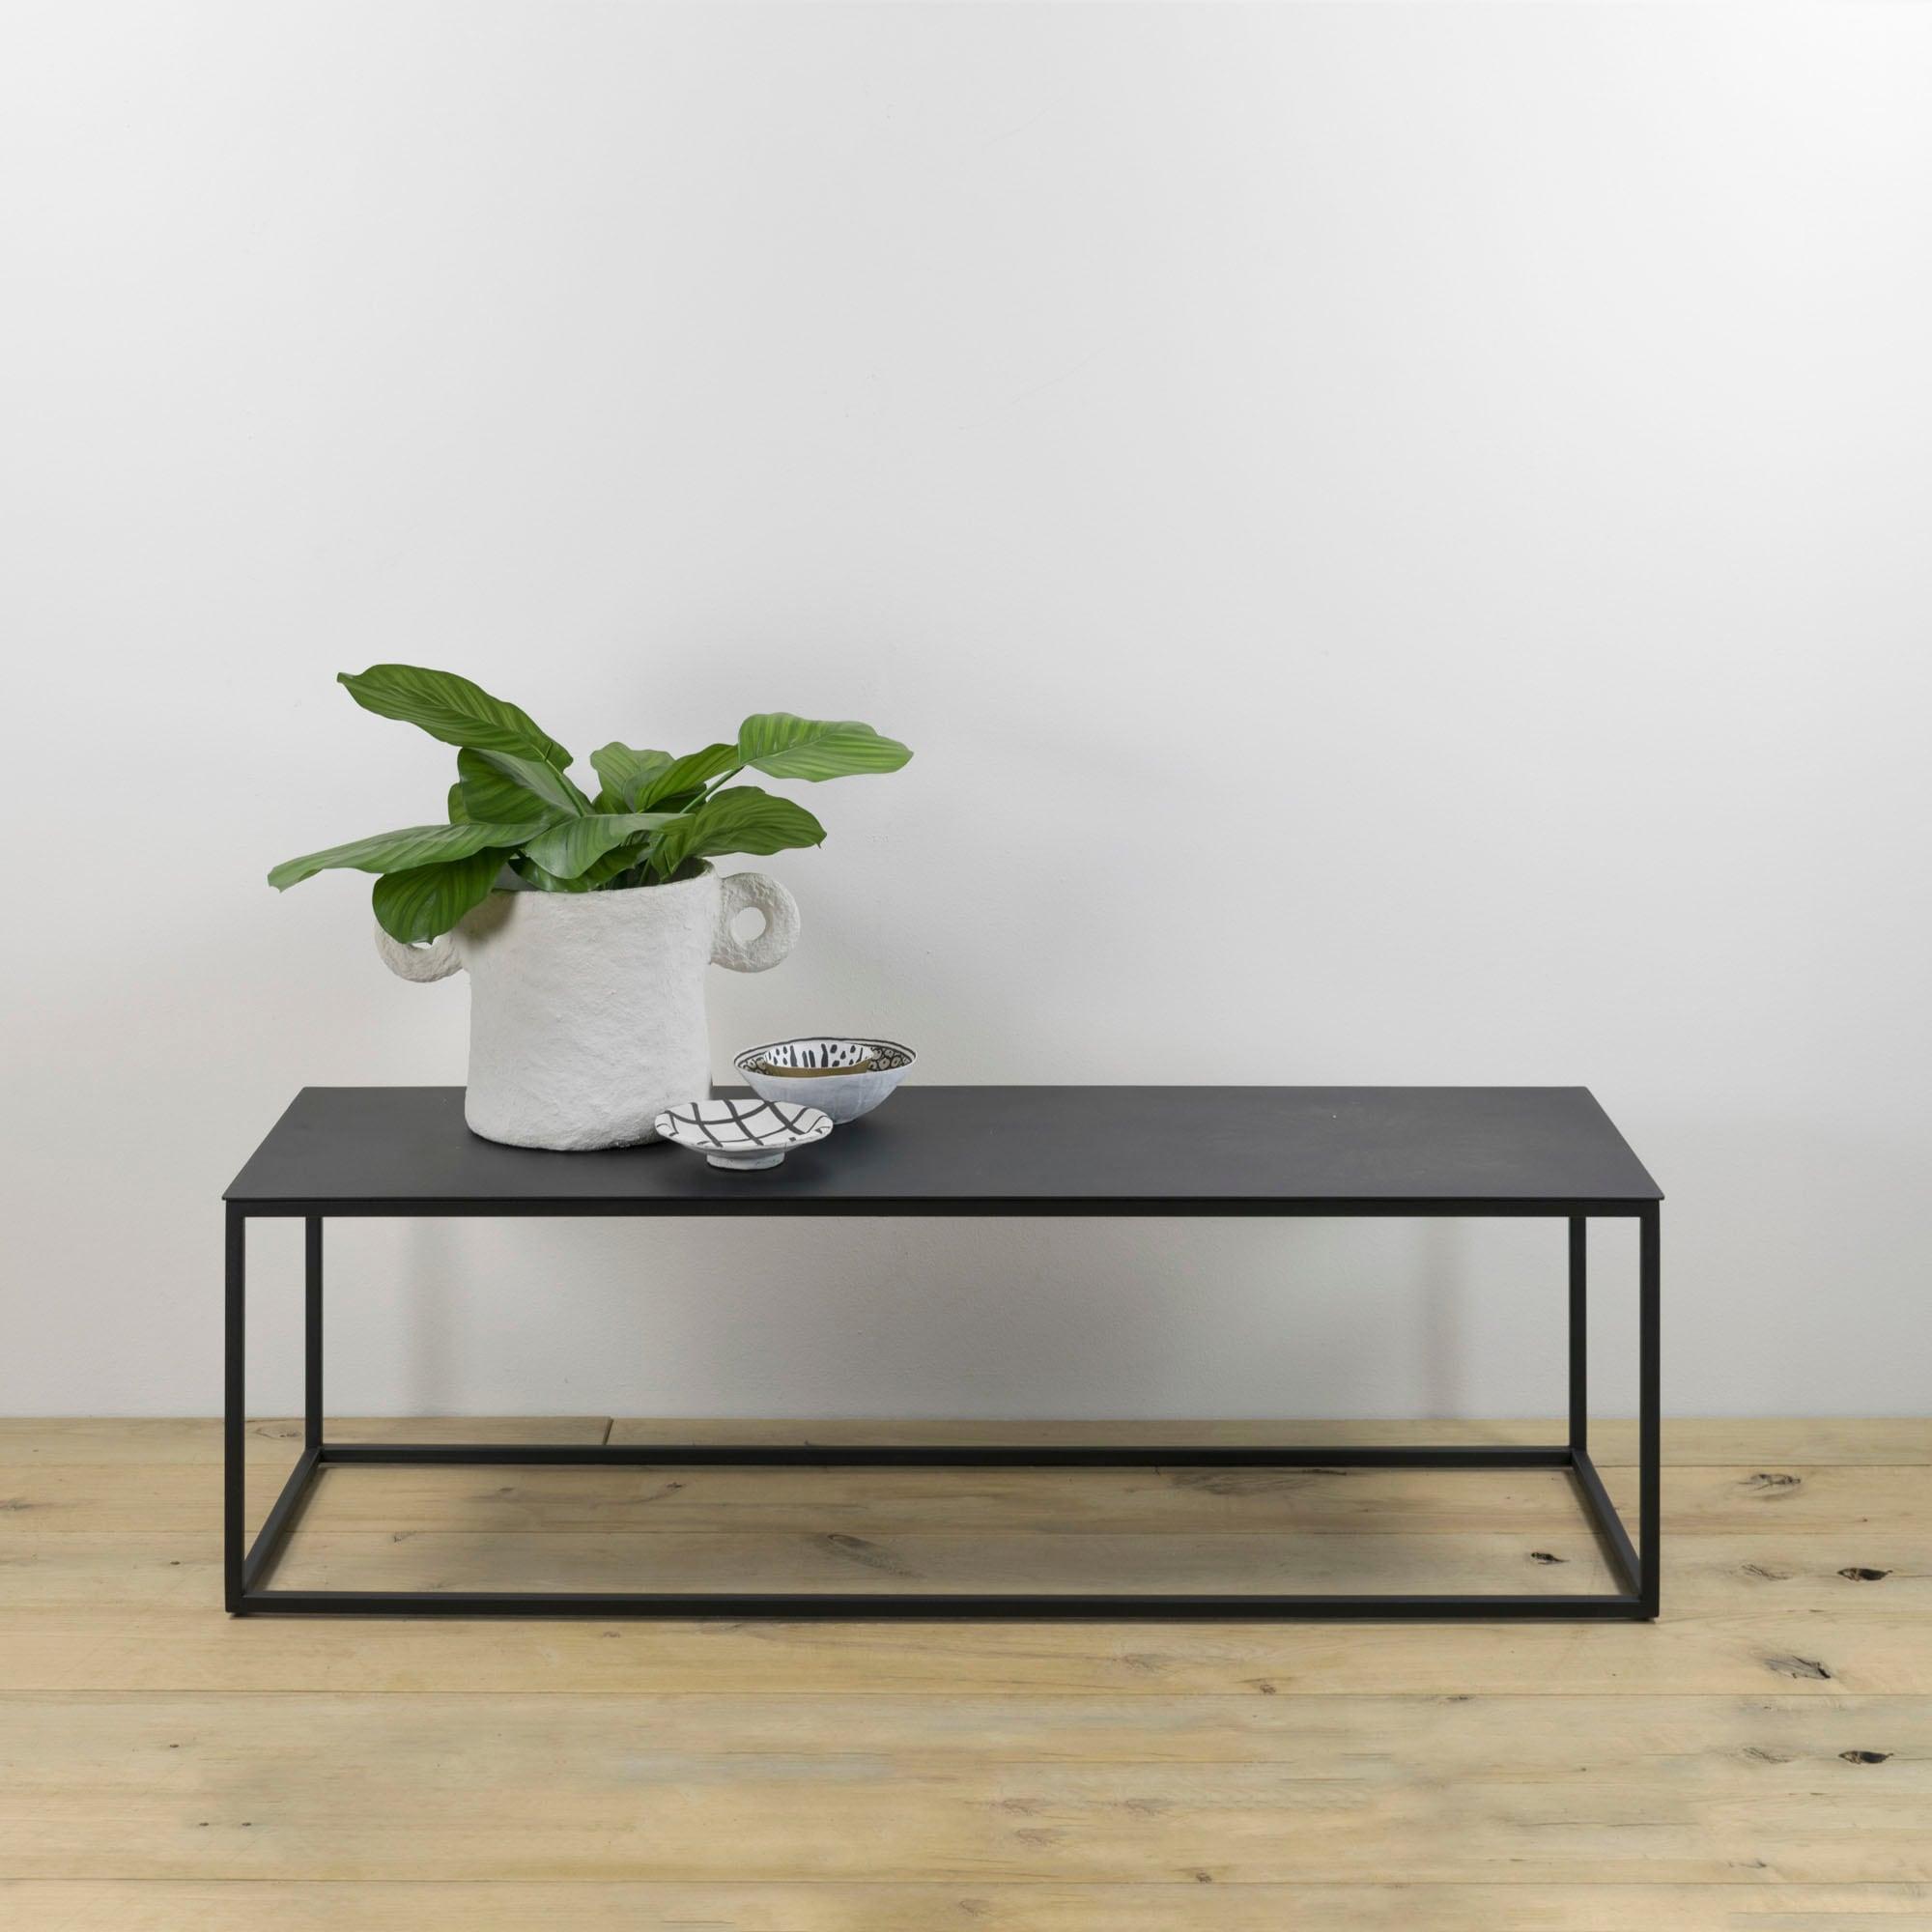 Spinder Design Beistelltisch Store, Breite 120 cm schwarz Beistelltische Tische